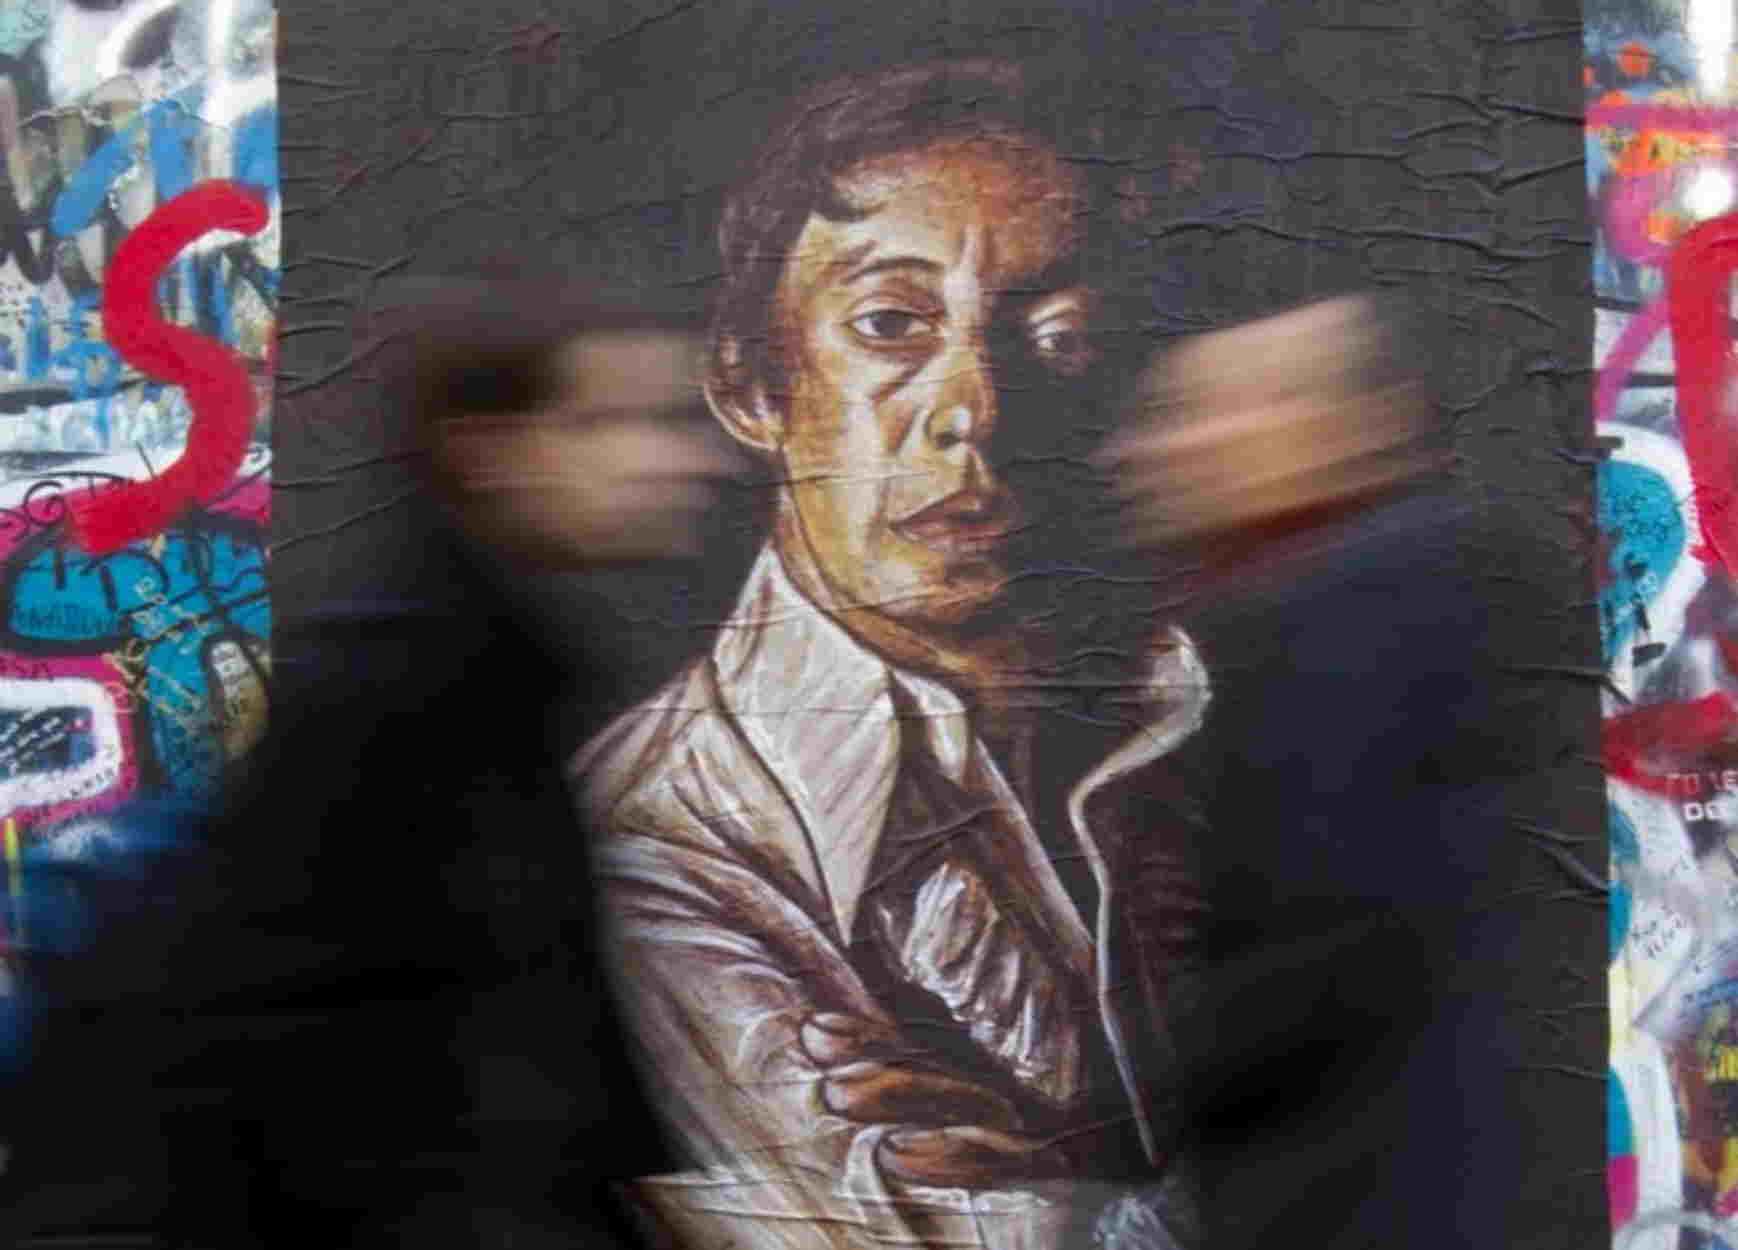 Σερζ Γκέινσμπουργκ: Ο Γάλλος ερωτύλος που πέθανε από… υπερβολική δόση ζωής